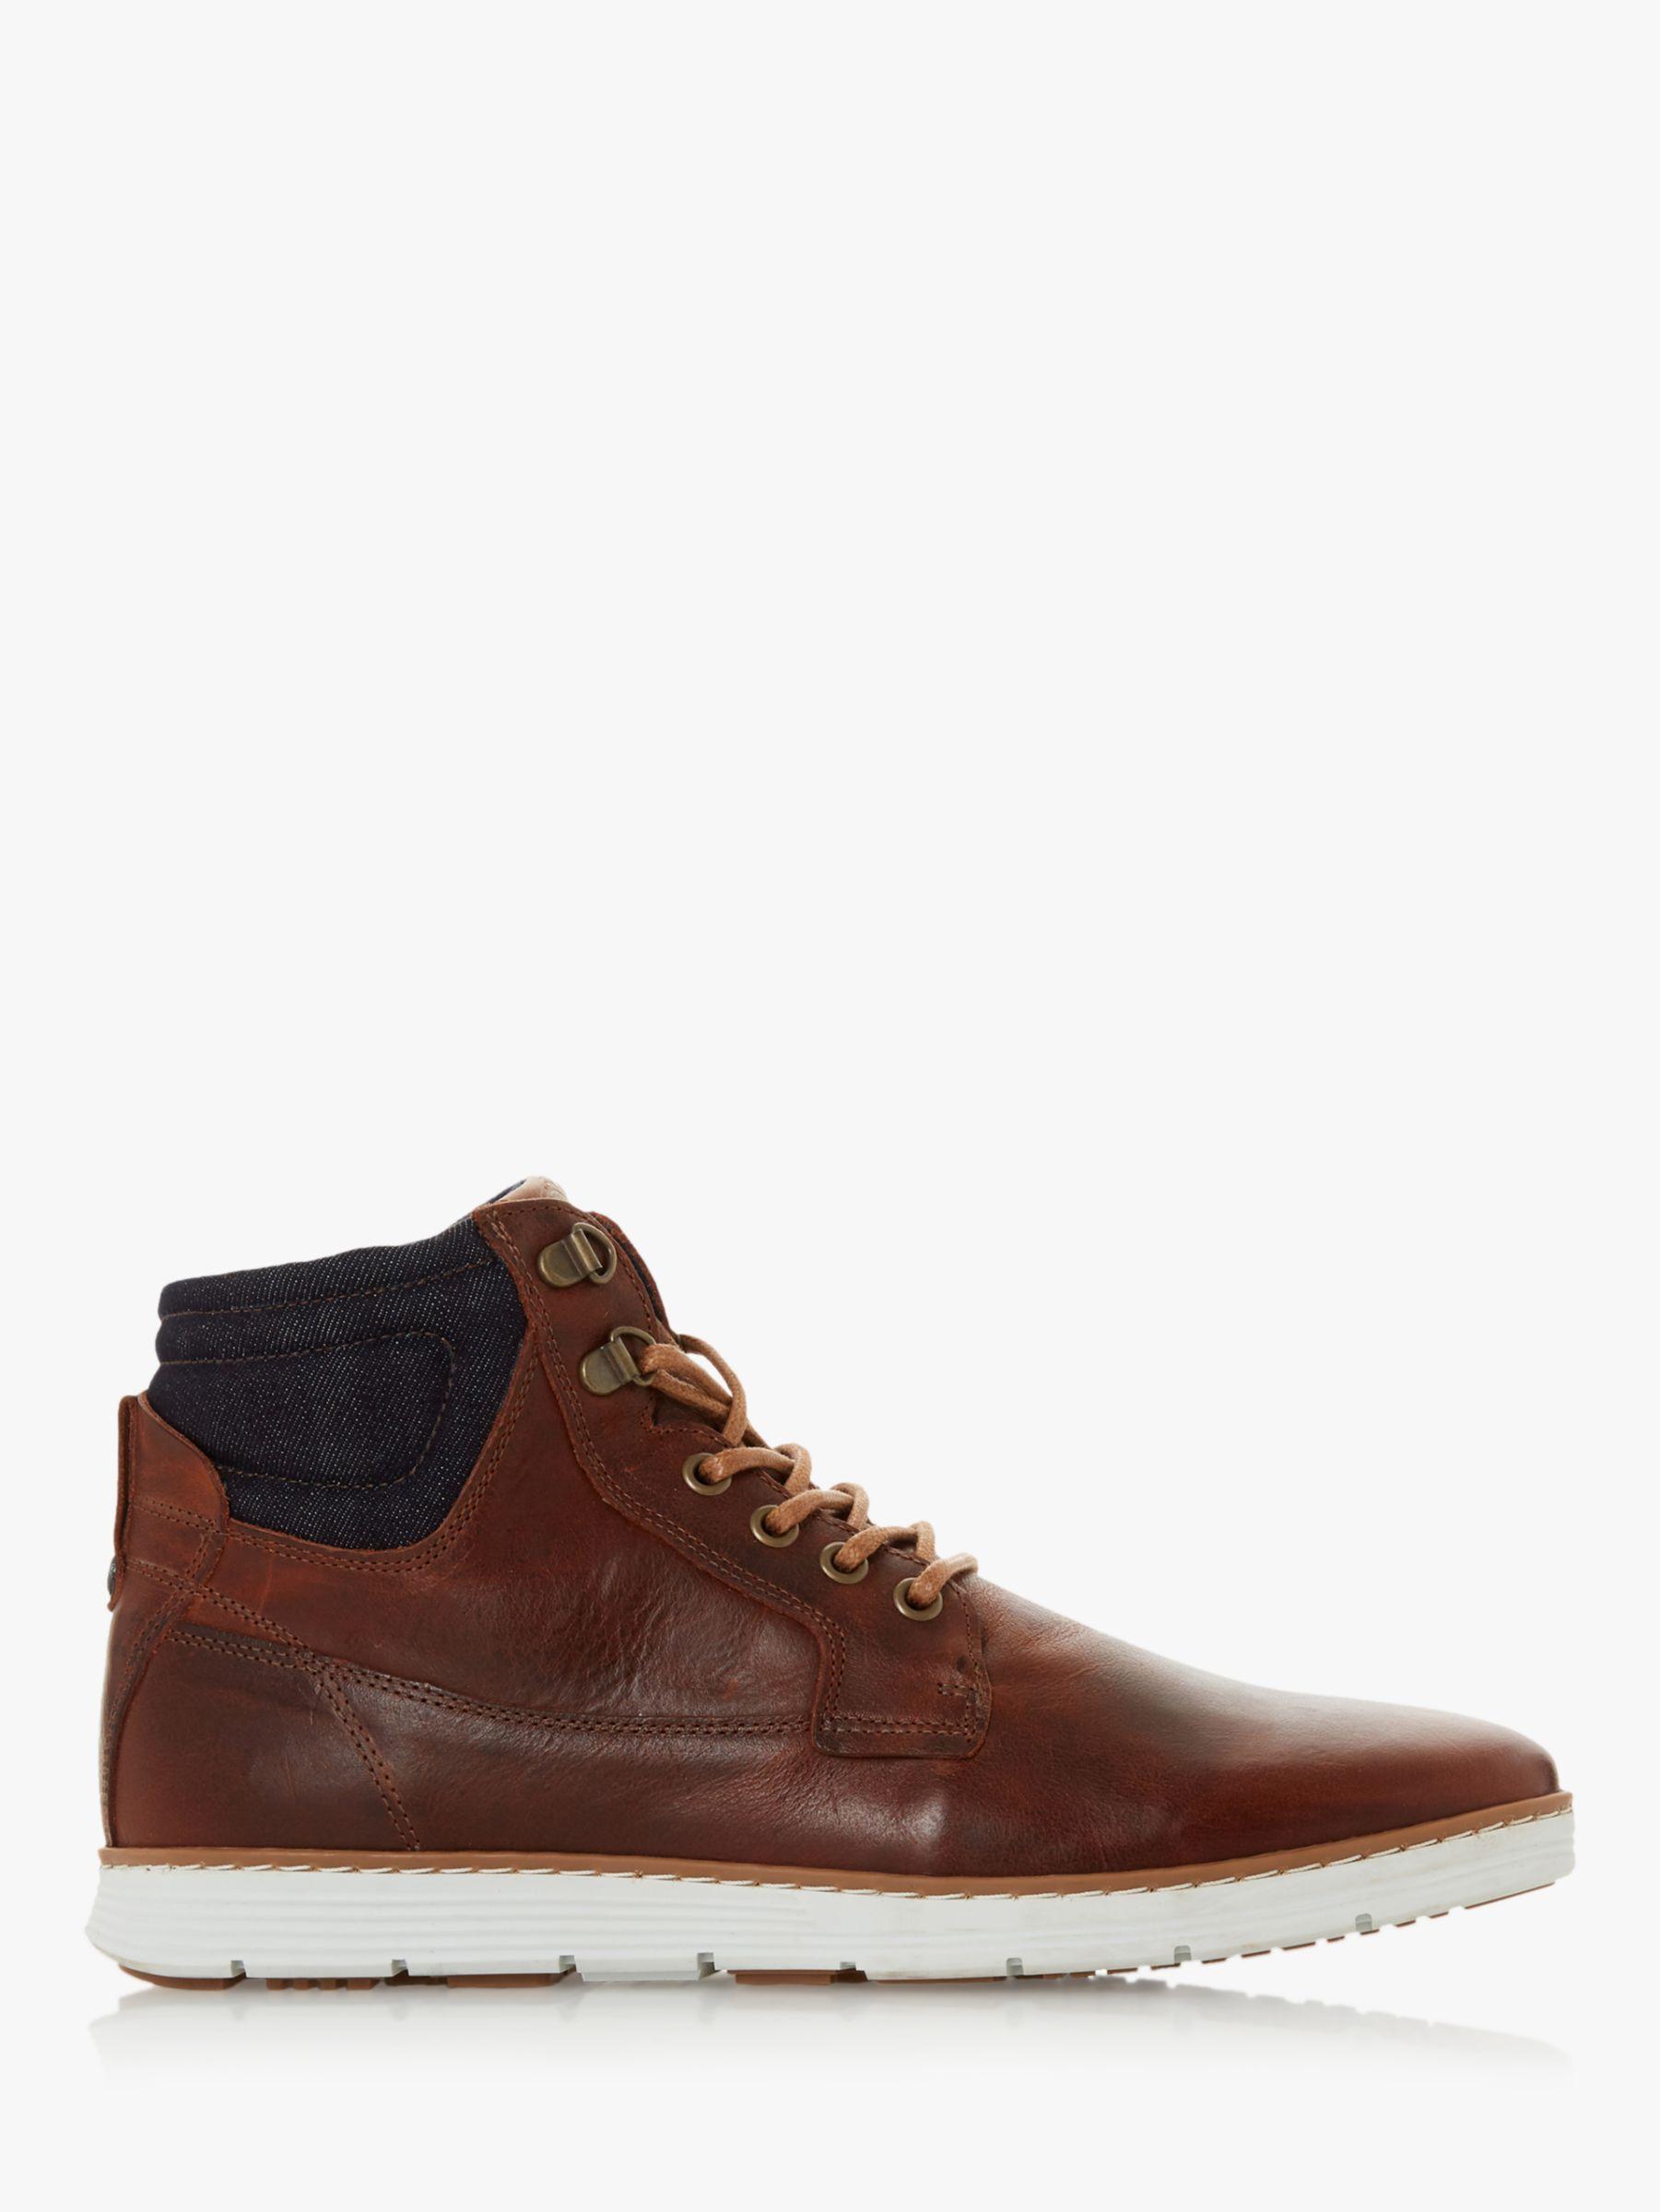 Dune Dune Corbin Leather Chukka Boots, Tan